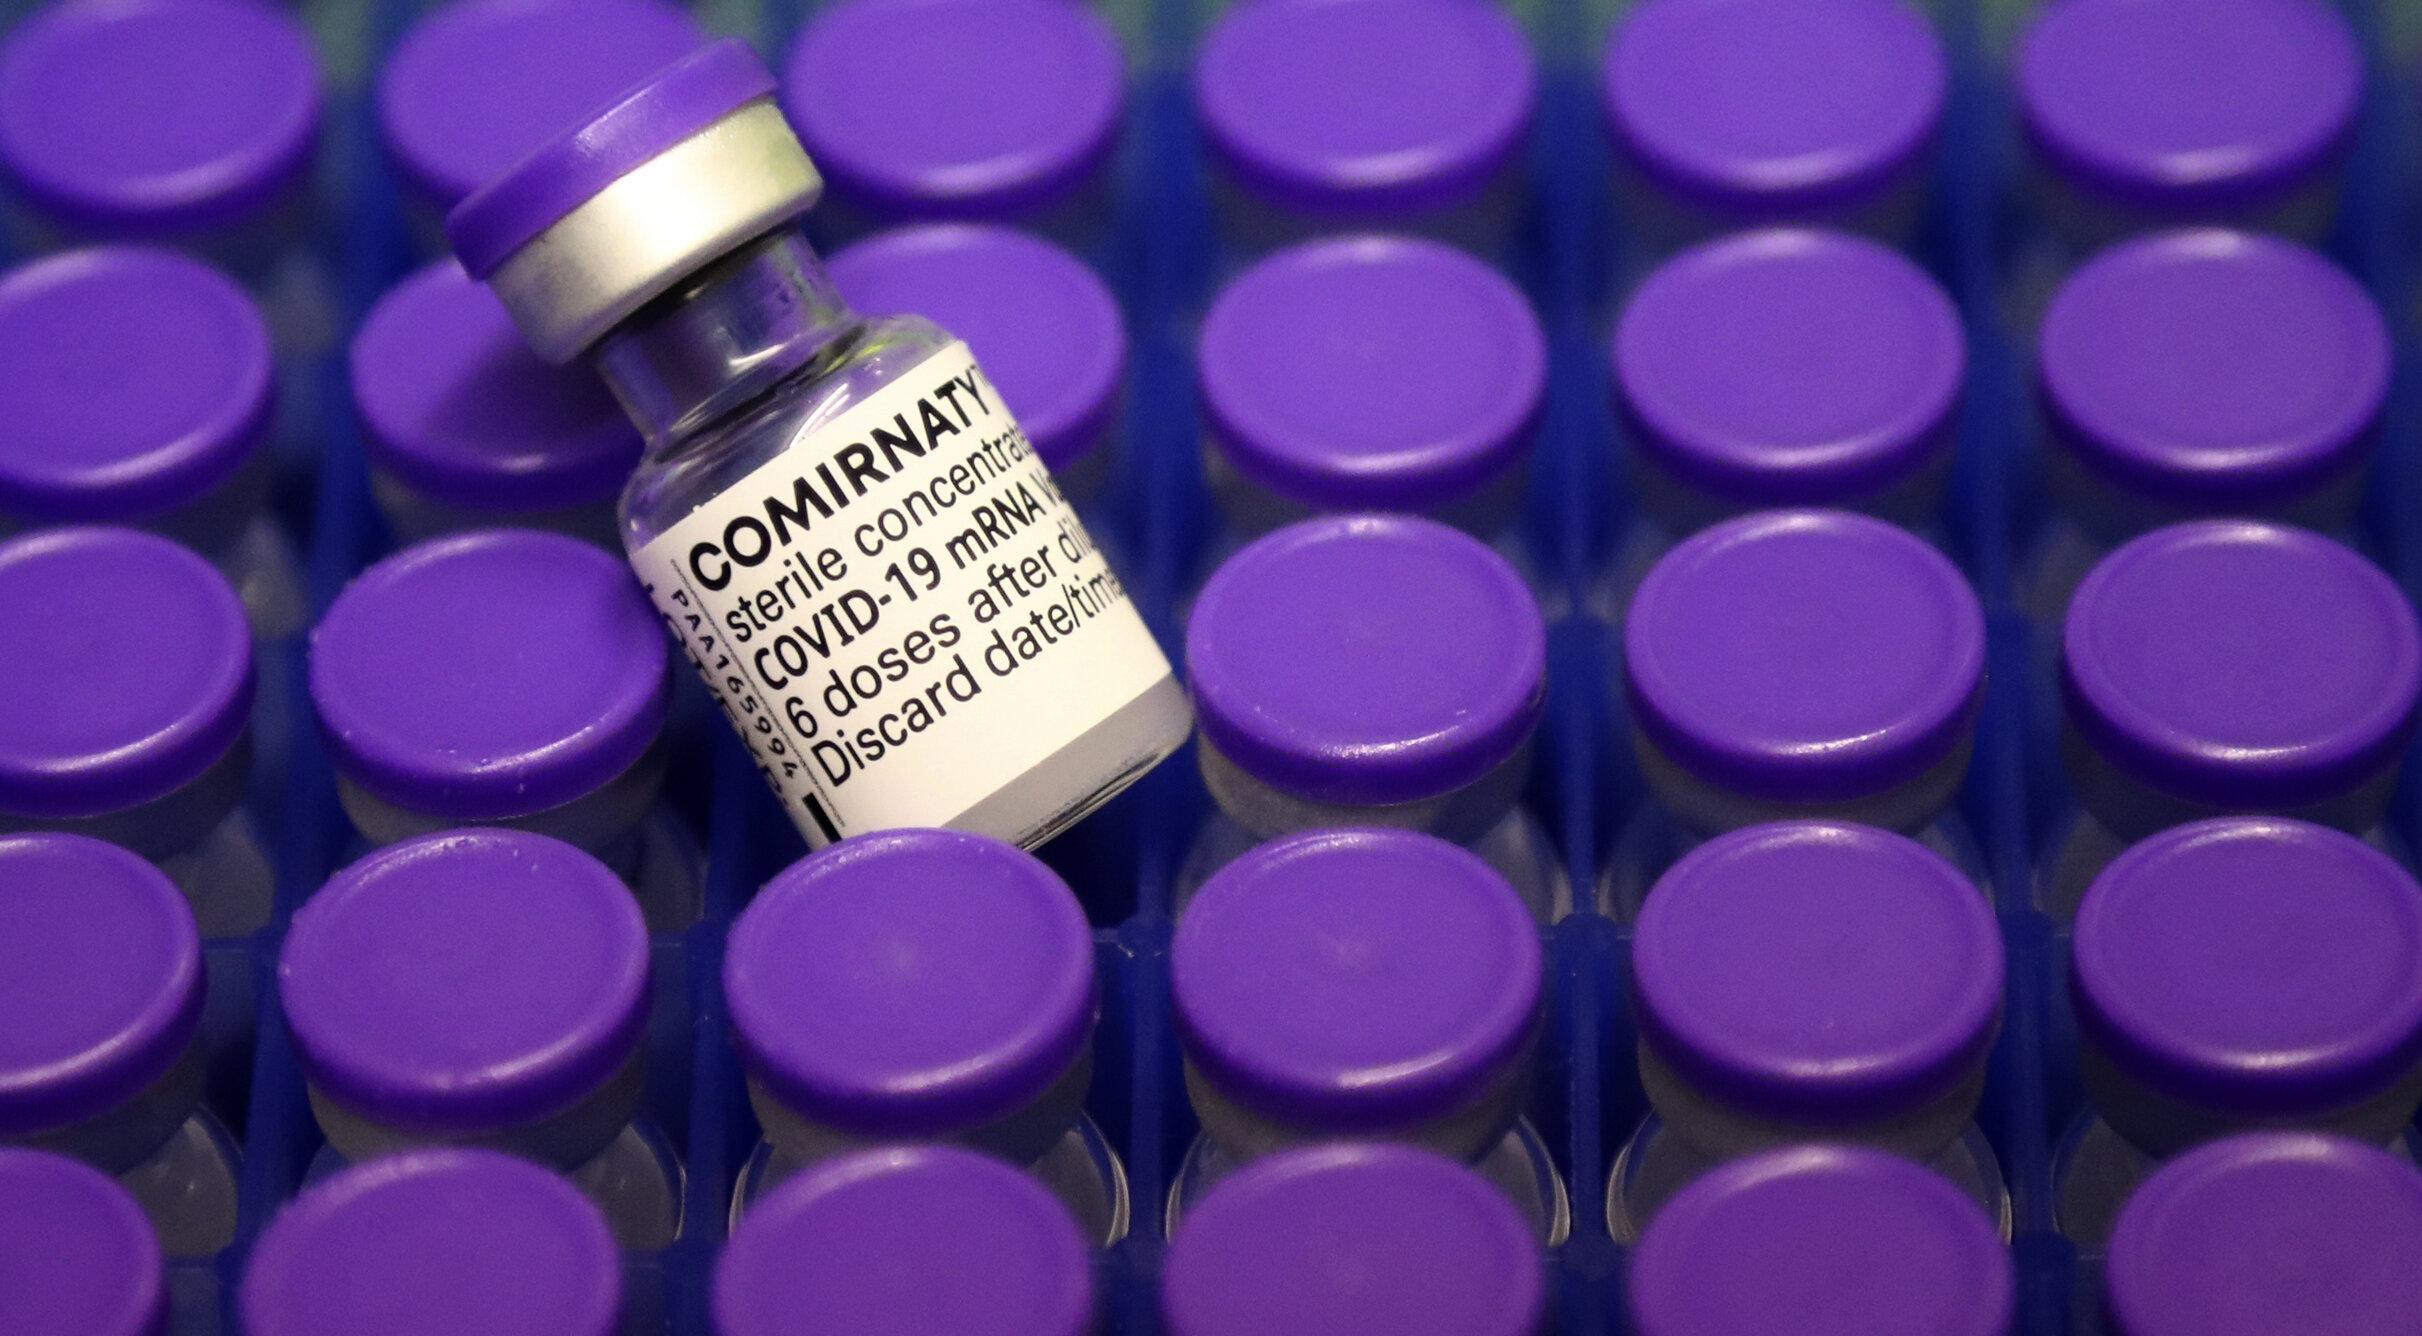 SUA| Pfizer solicită autorizarea vaccinului anti-Covid pentru copiii cu vârste cuprinse între 12 și 15 ani